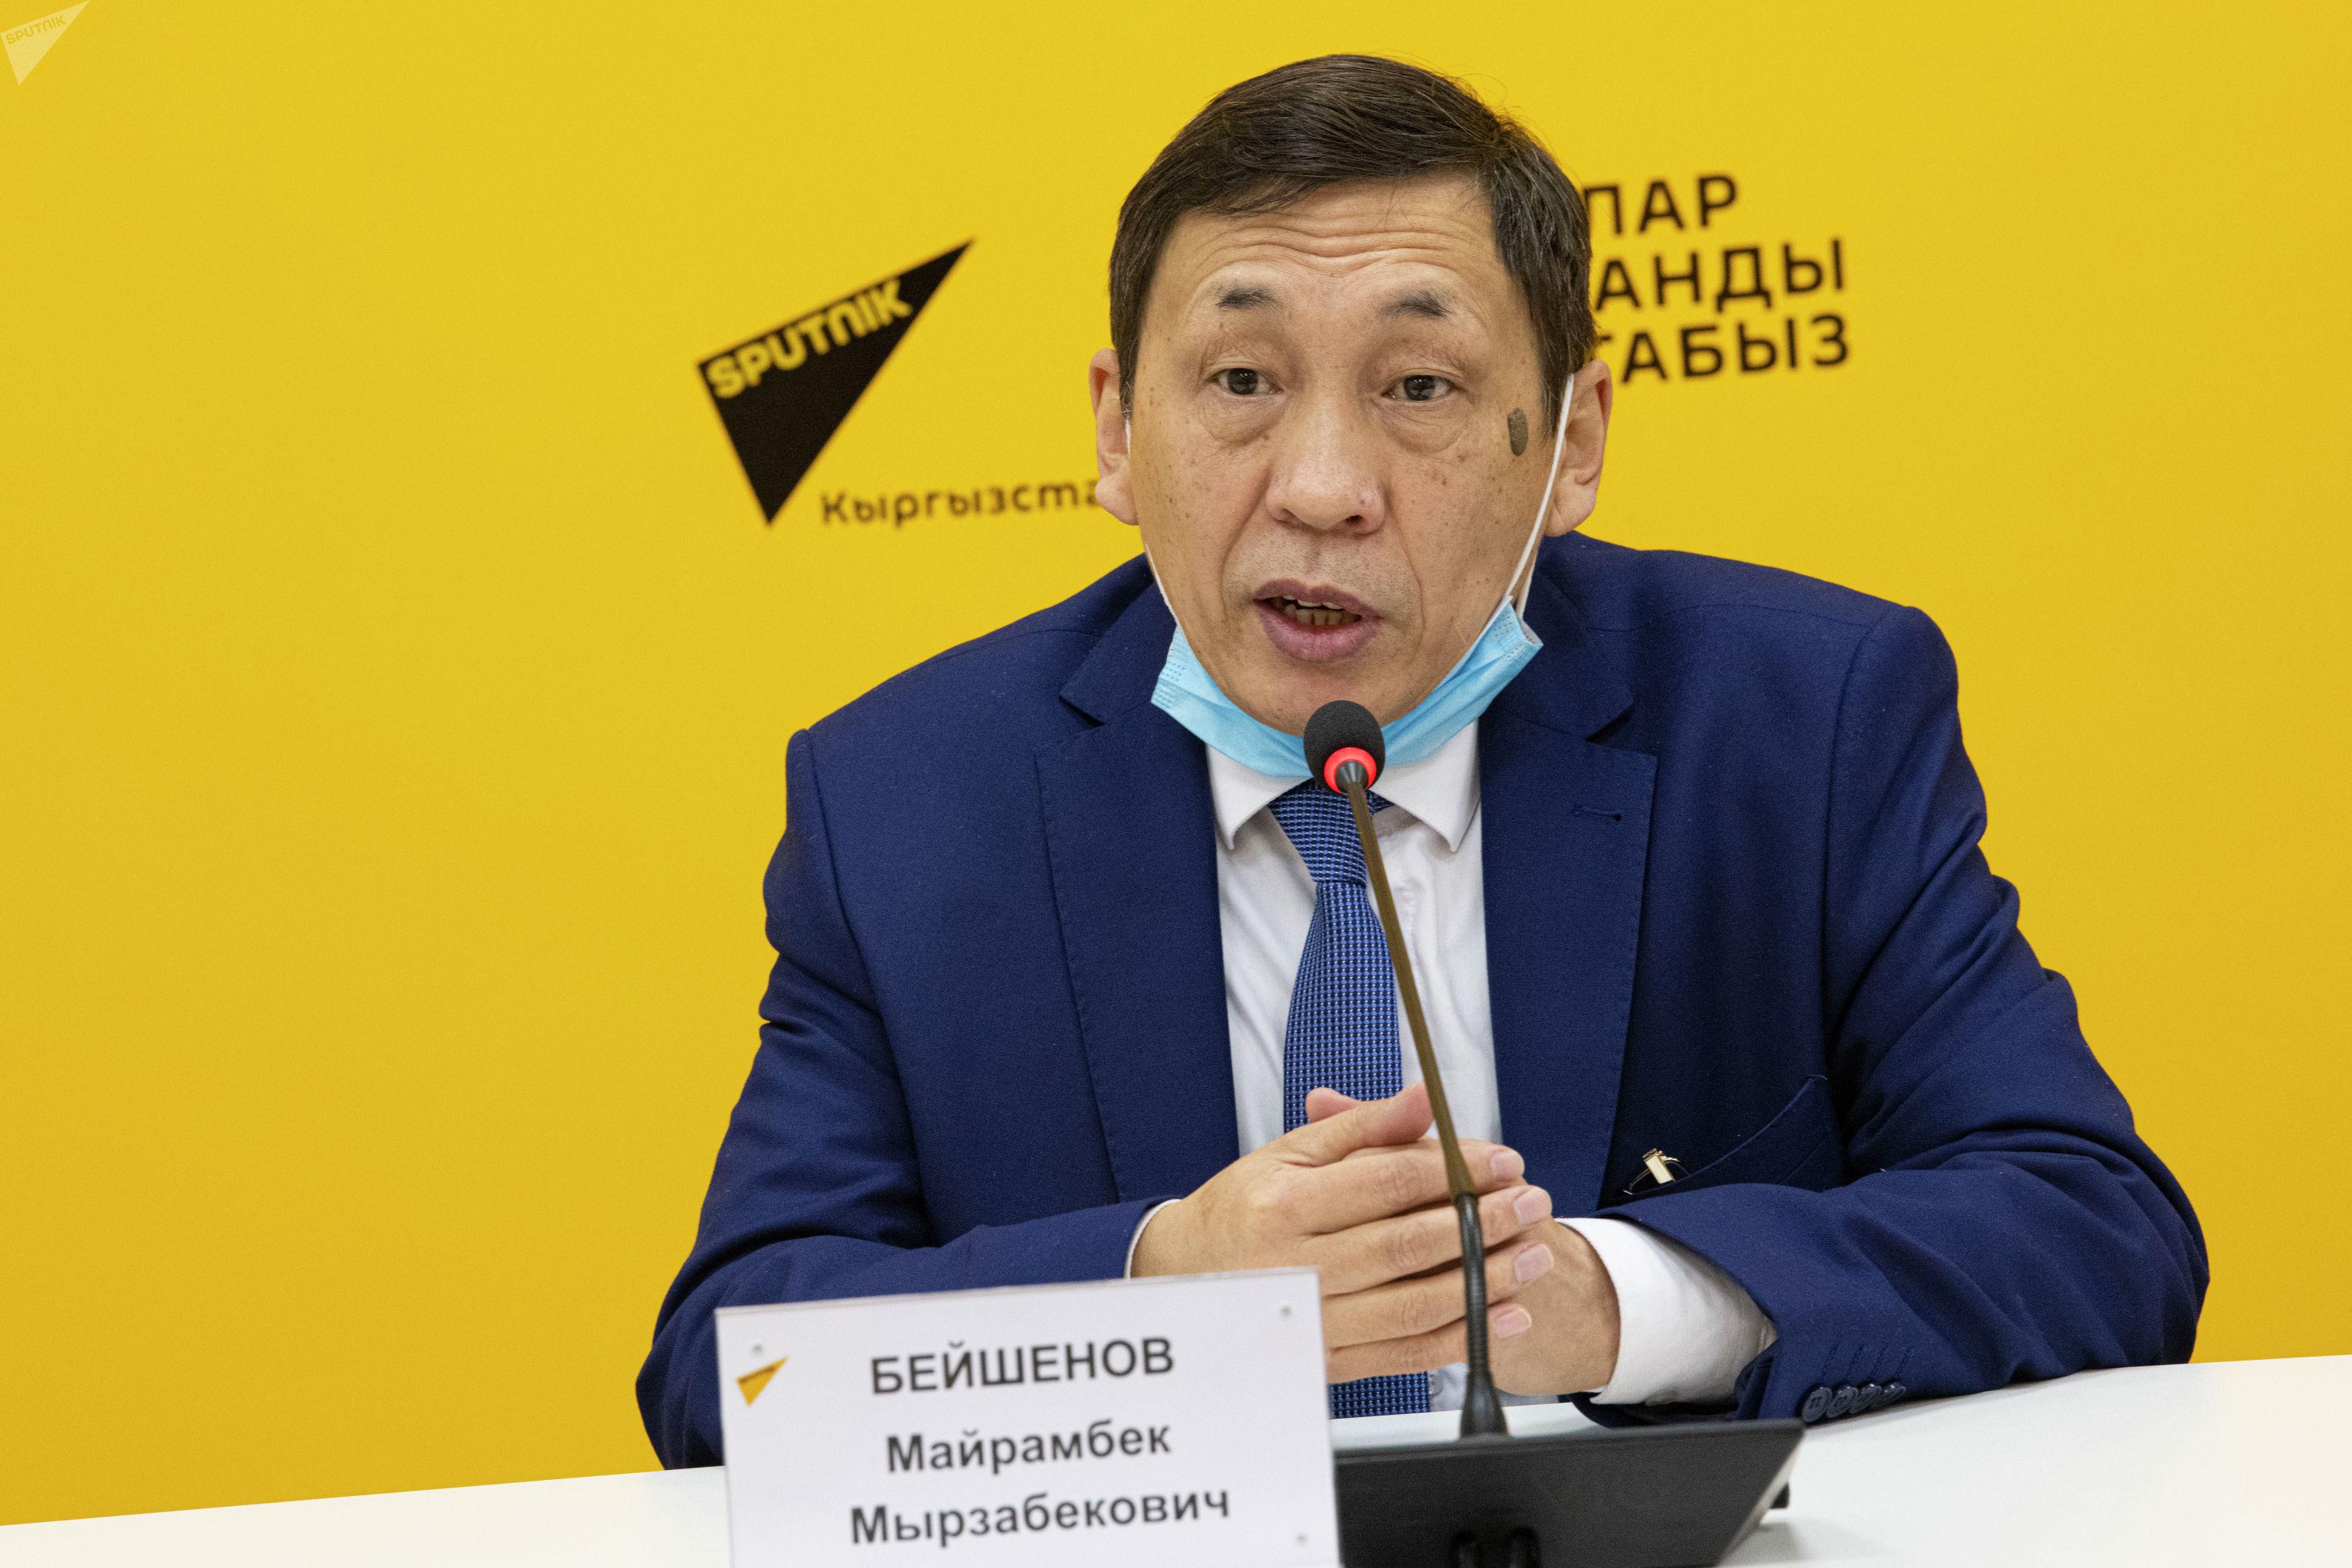 Руководитель представительства Государственной службы миграции КР в России Майрамбек Бейшенов в мультимедийном пресс-центре Sputnik Кыргызстан.